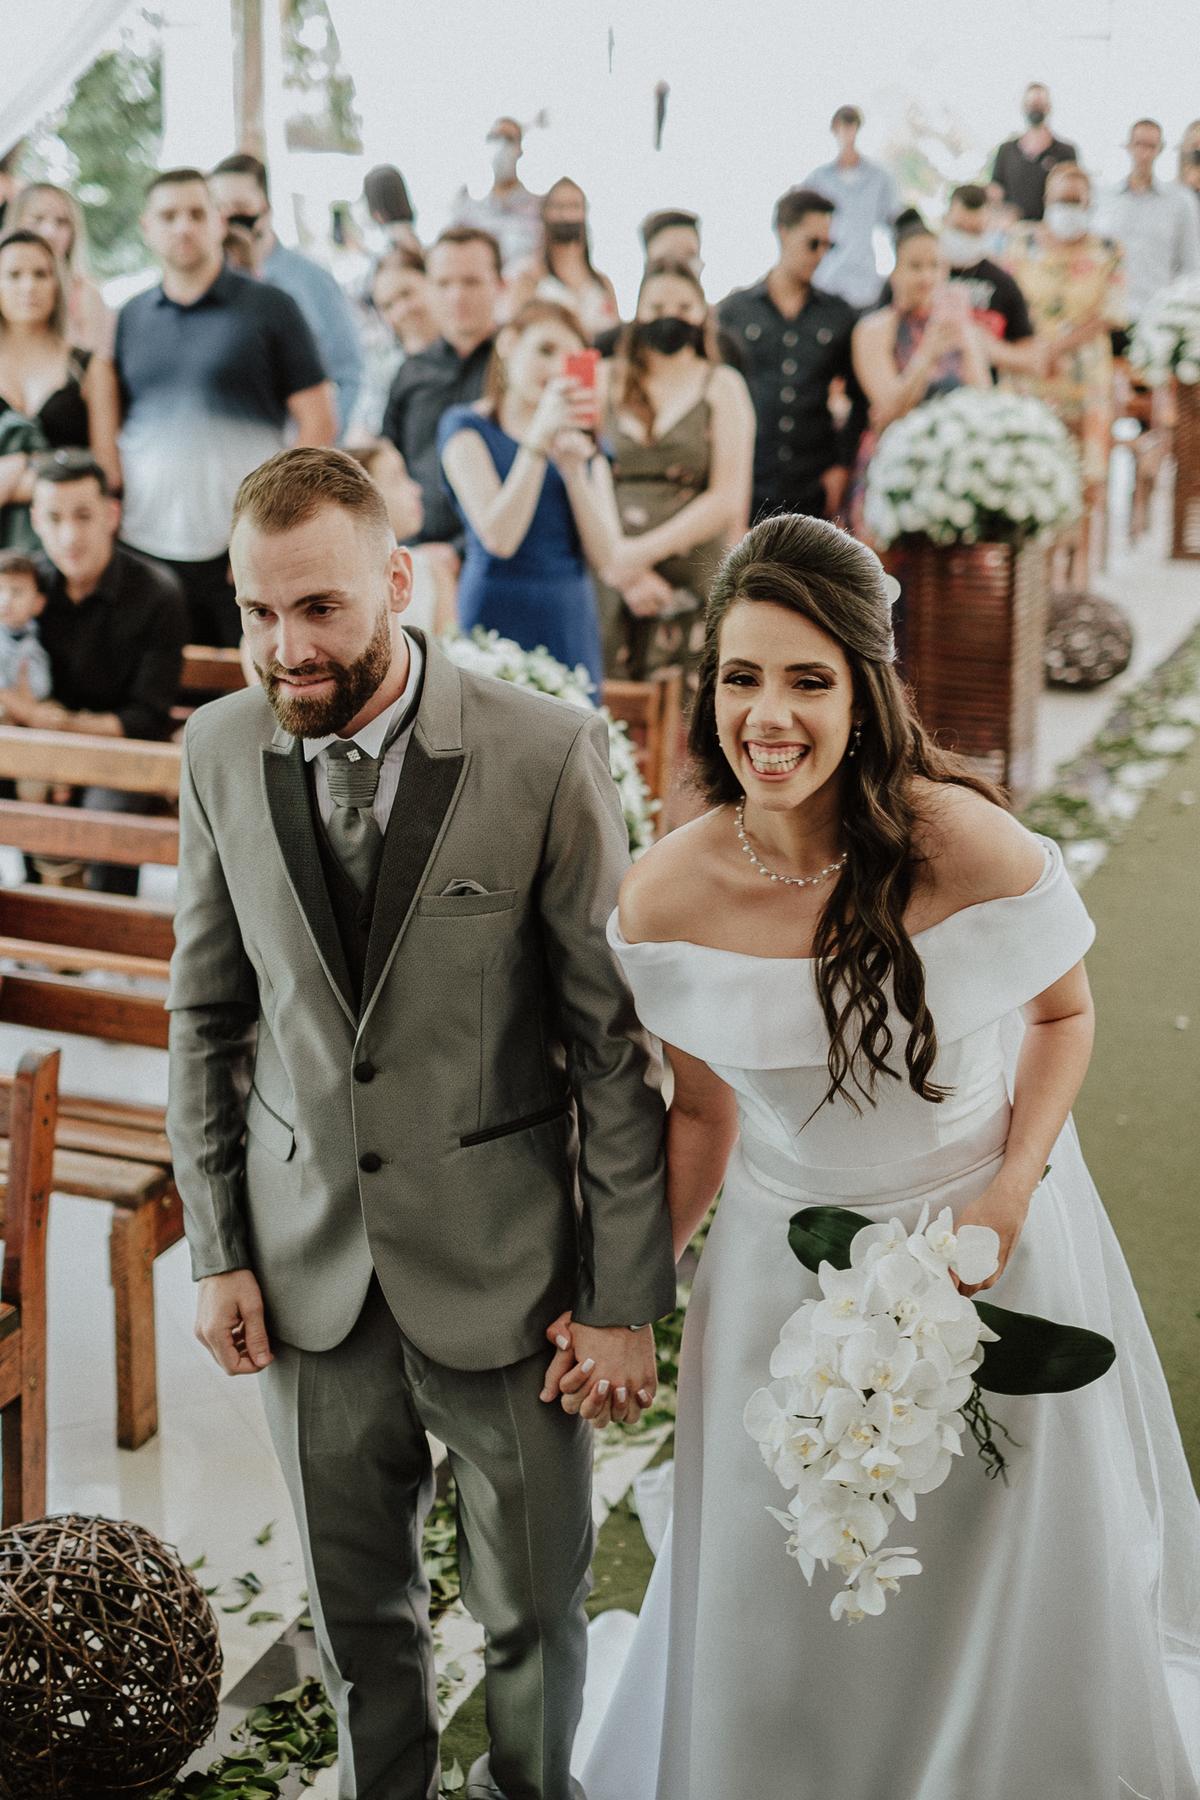 entrada da noiva casamentos de dia fotografia de casamento fotos por caio henrique entrada da noiva mini wedding noivos sorrindo